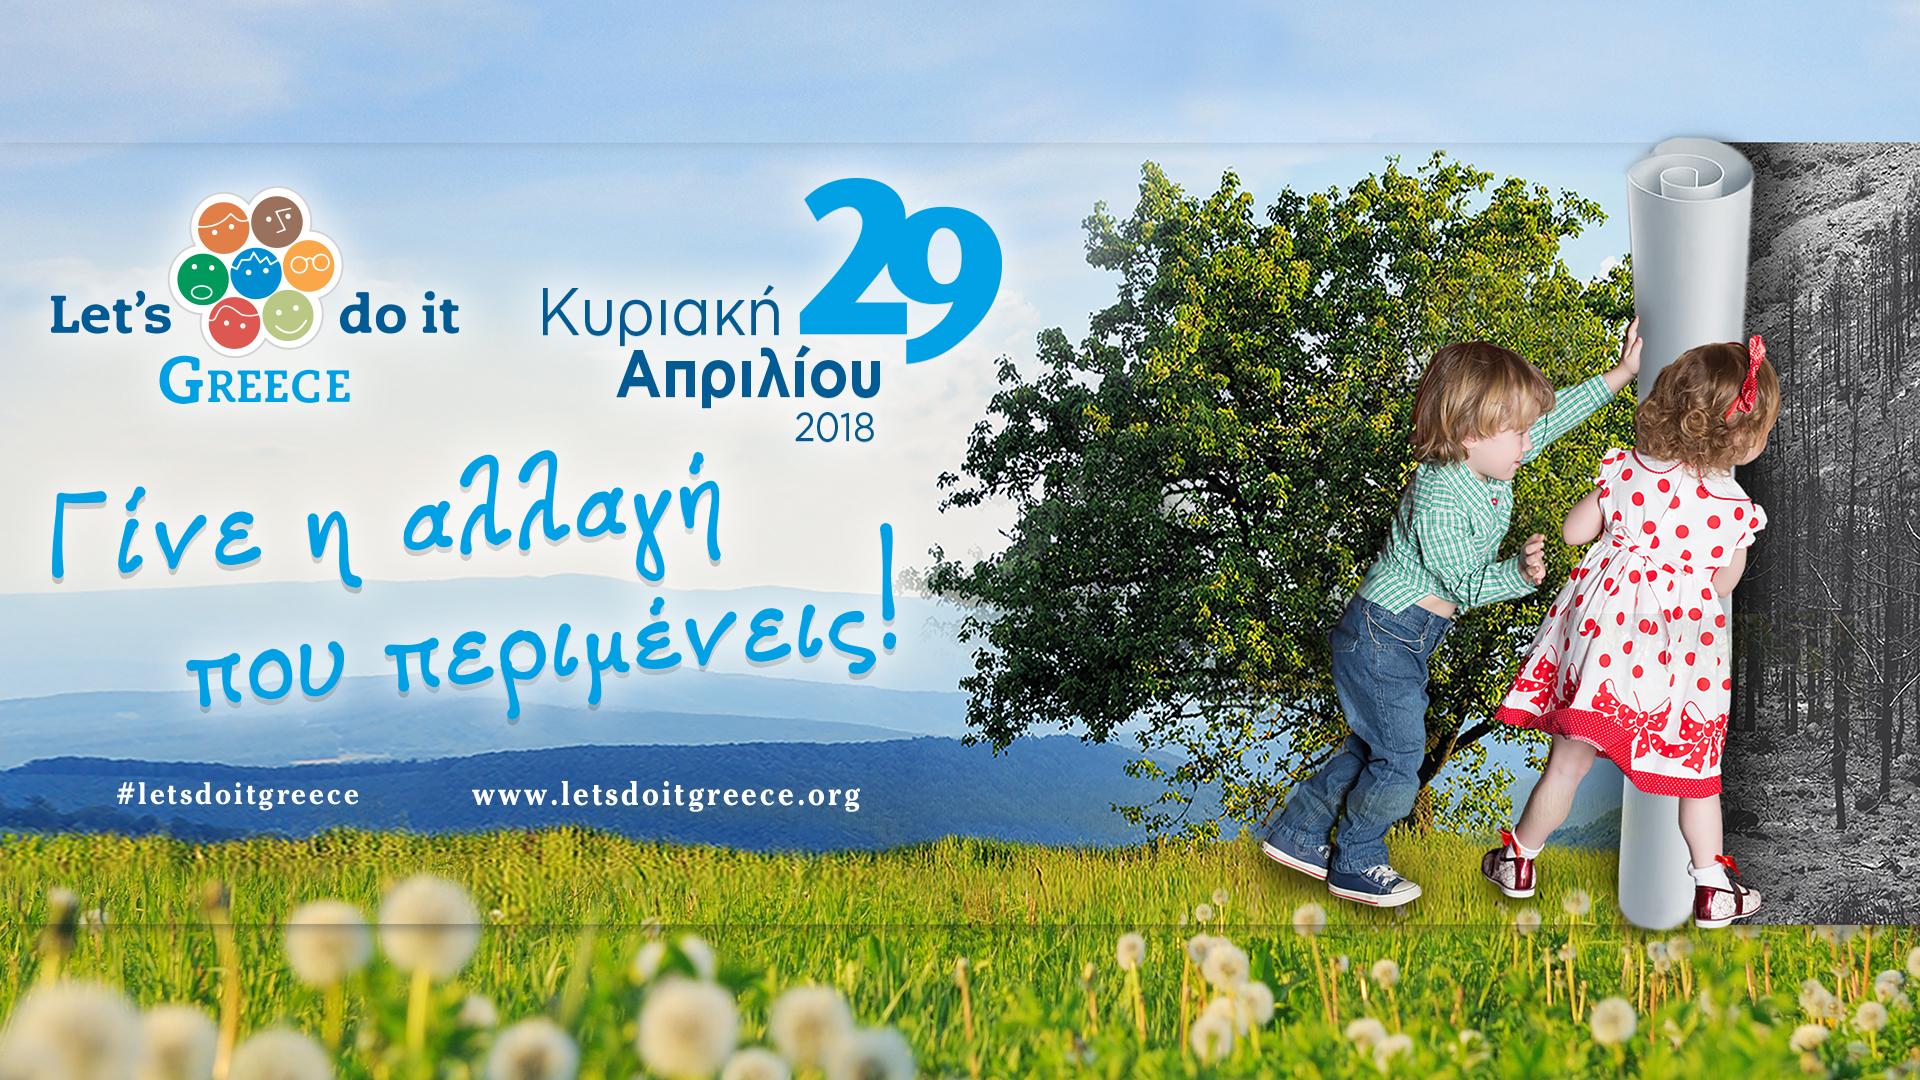 Let's do it Greece (2)